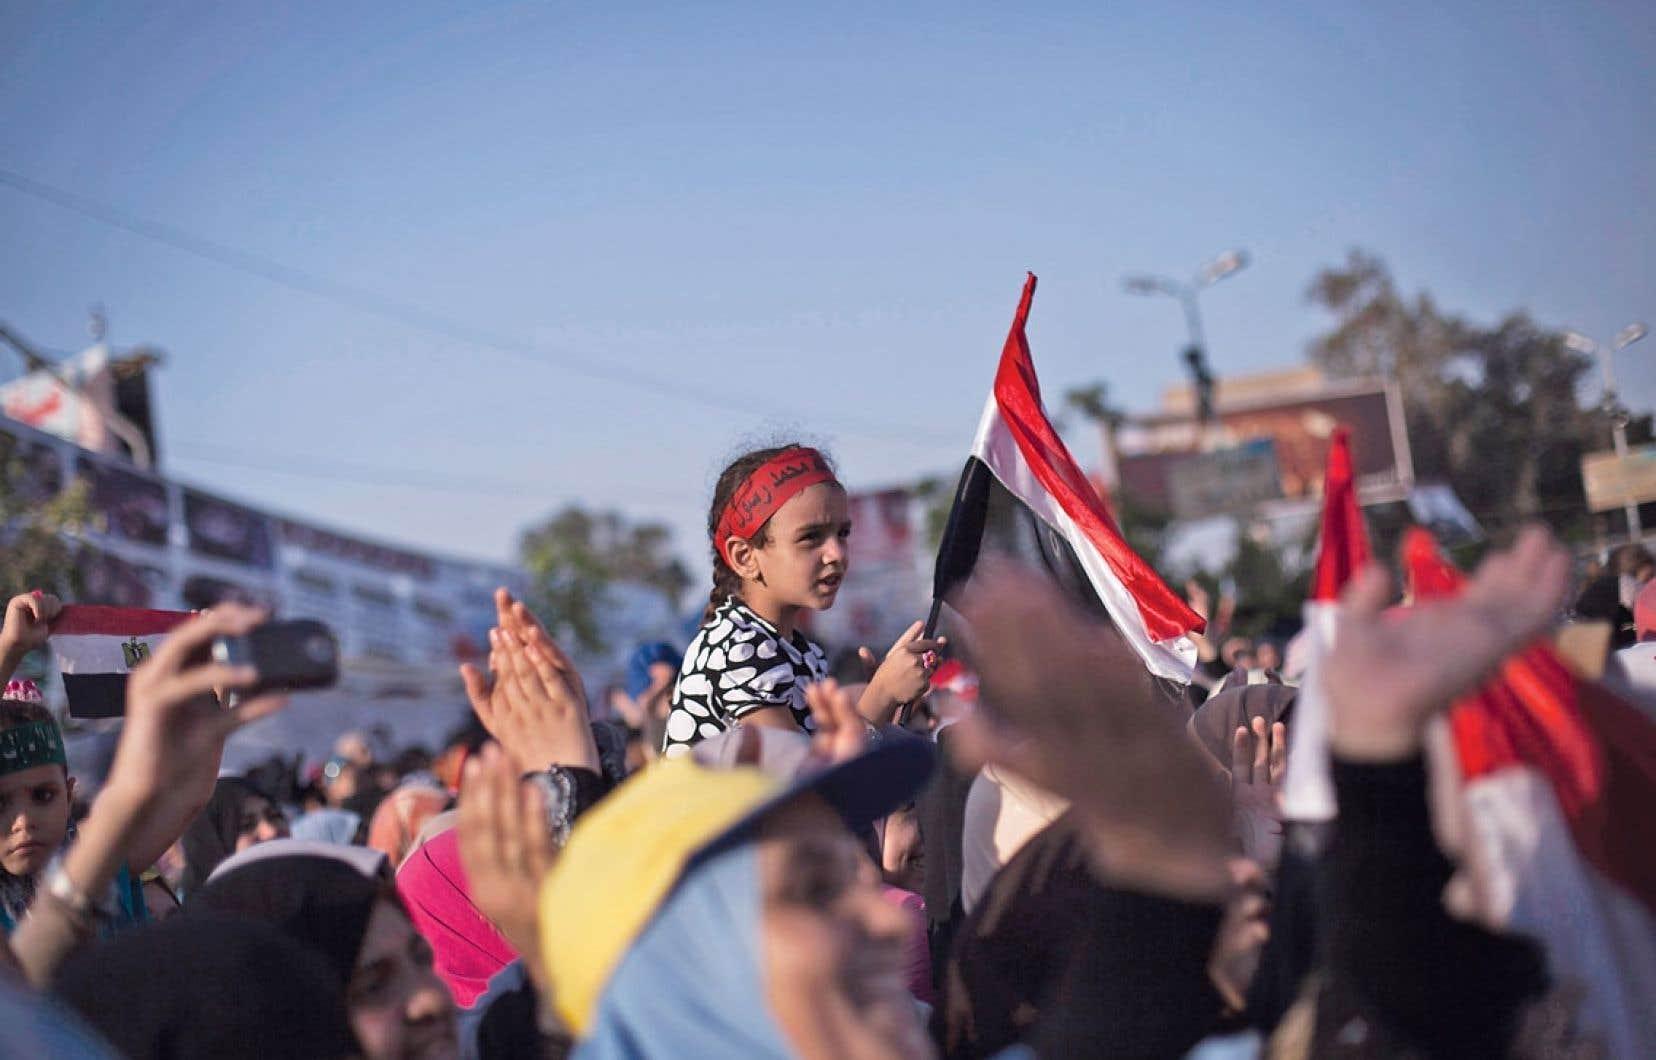 Une petite fille égyptienne agitait un drapeau entourée par des partisans de Morsi criant des slogans contre l'armée sur la place Rabaa al-Adawiya du Caire, dimanche.